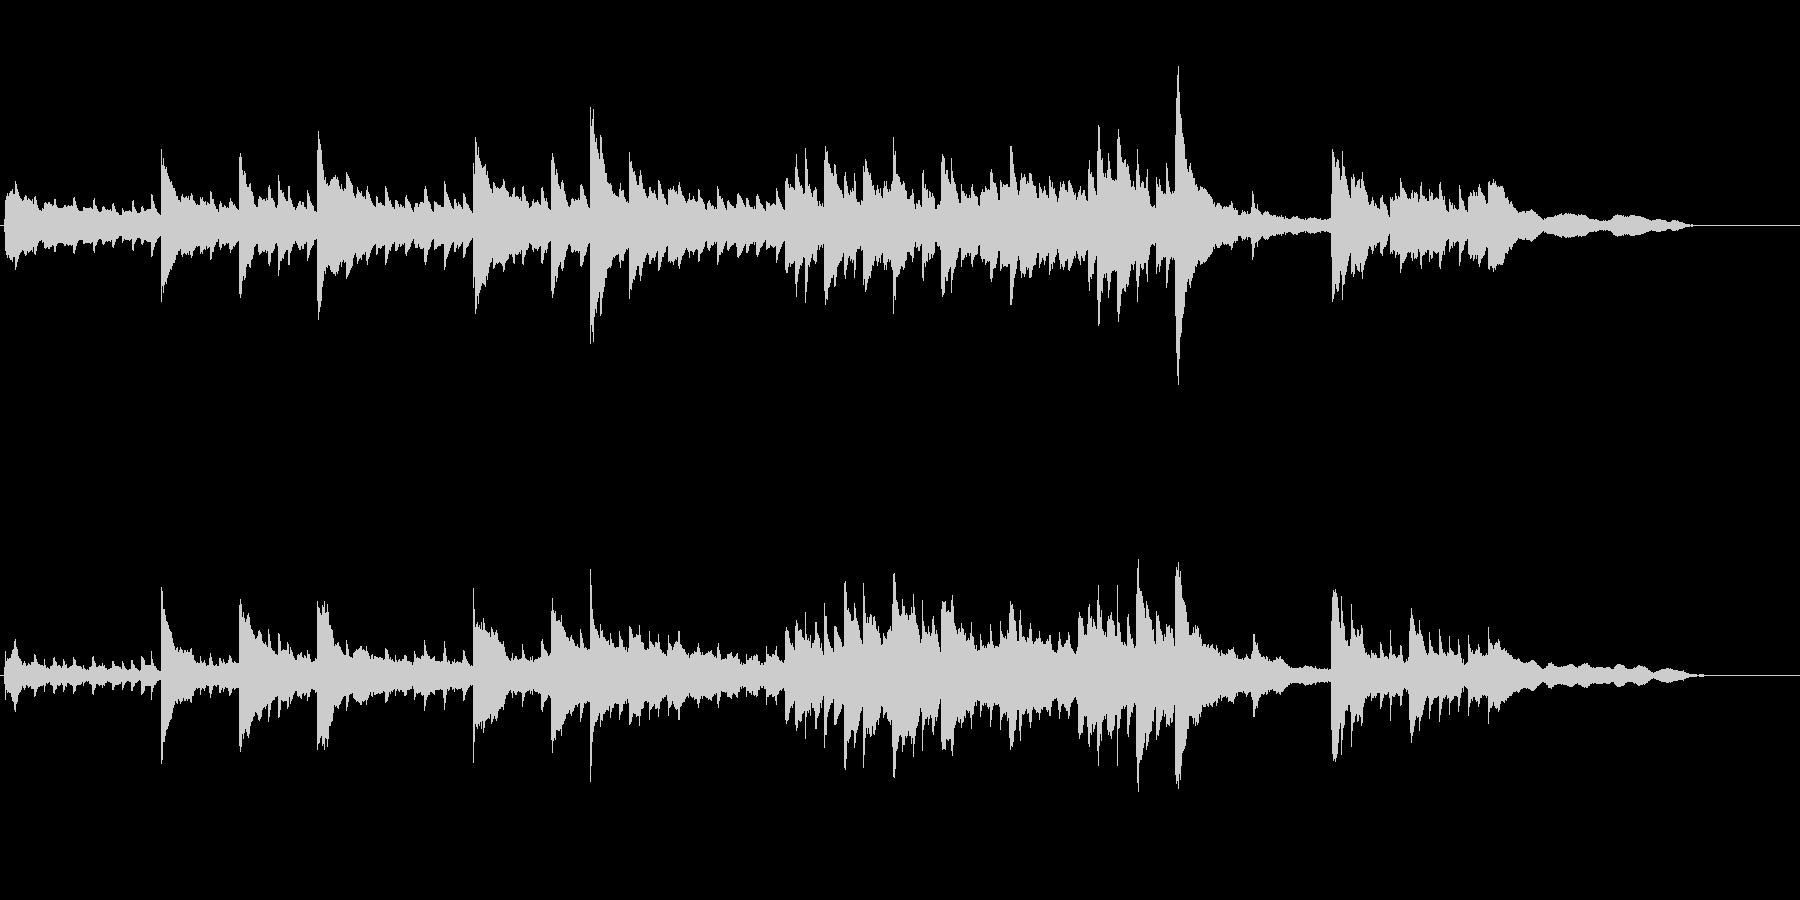 CM、映像向けのピアノソロBGMの未再生の波形